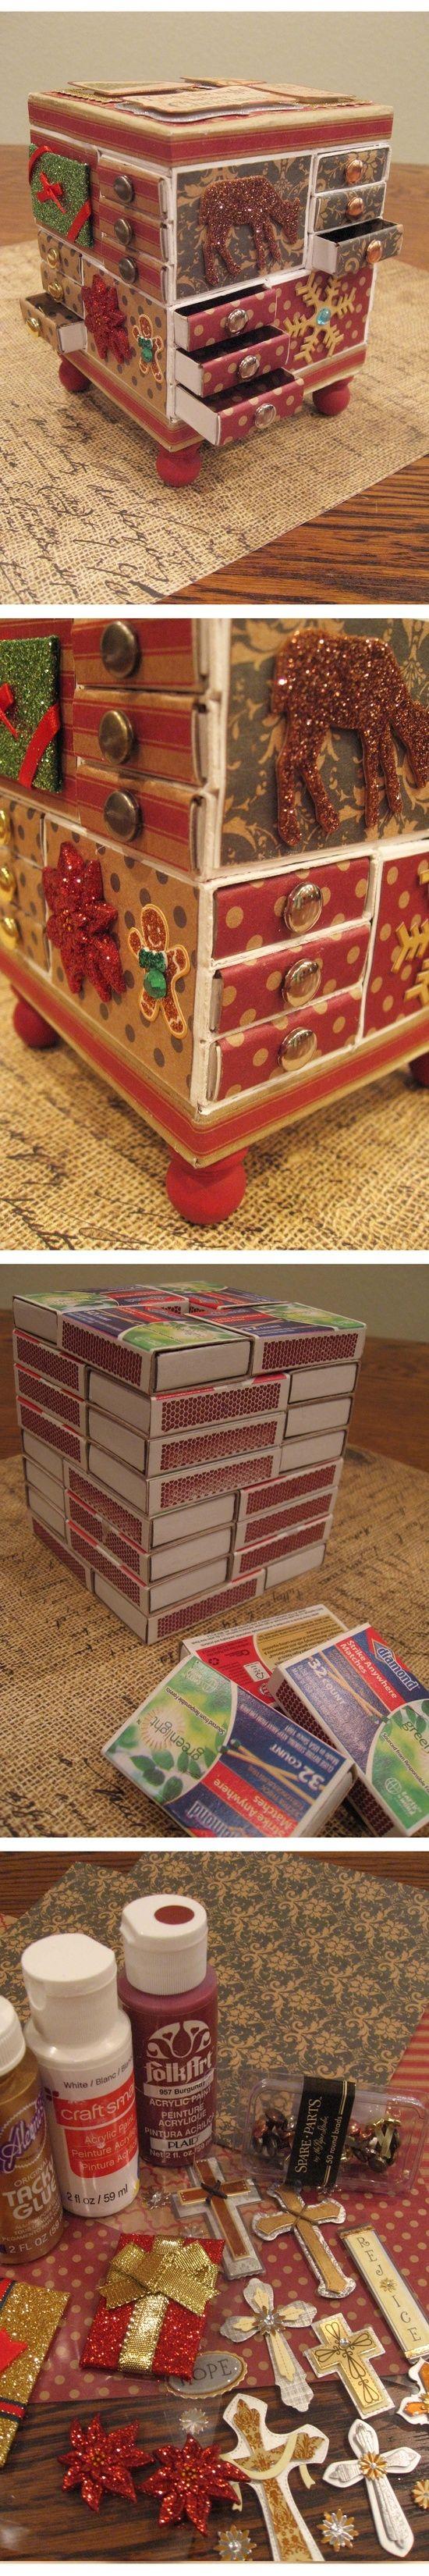 Joulun Advent Box - Valmistettu tulitikkurasioiden, koriste paperia, brads, maali ja leikekirja koristeita.  Ei numerot laatikot by Ollintzihuatl